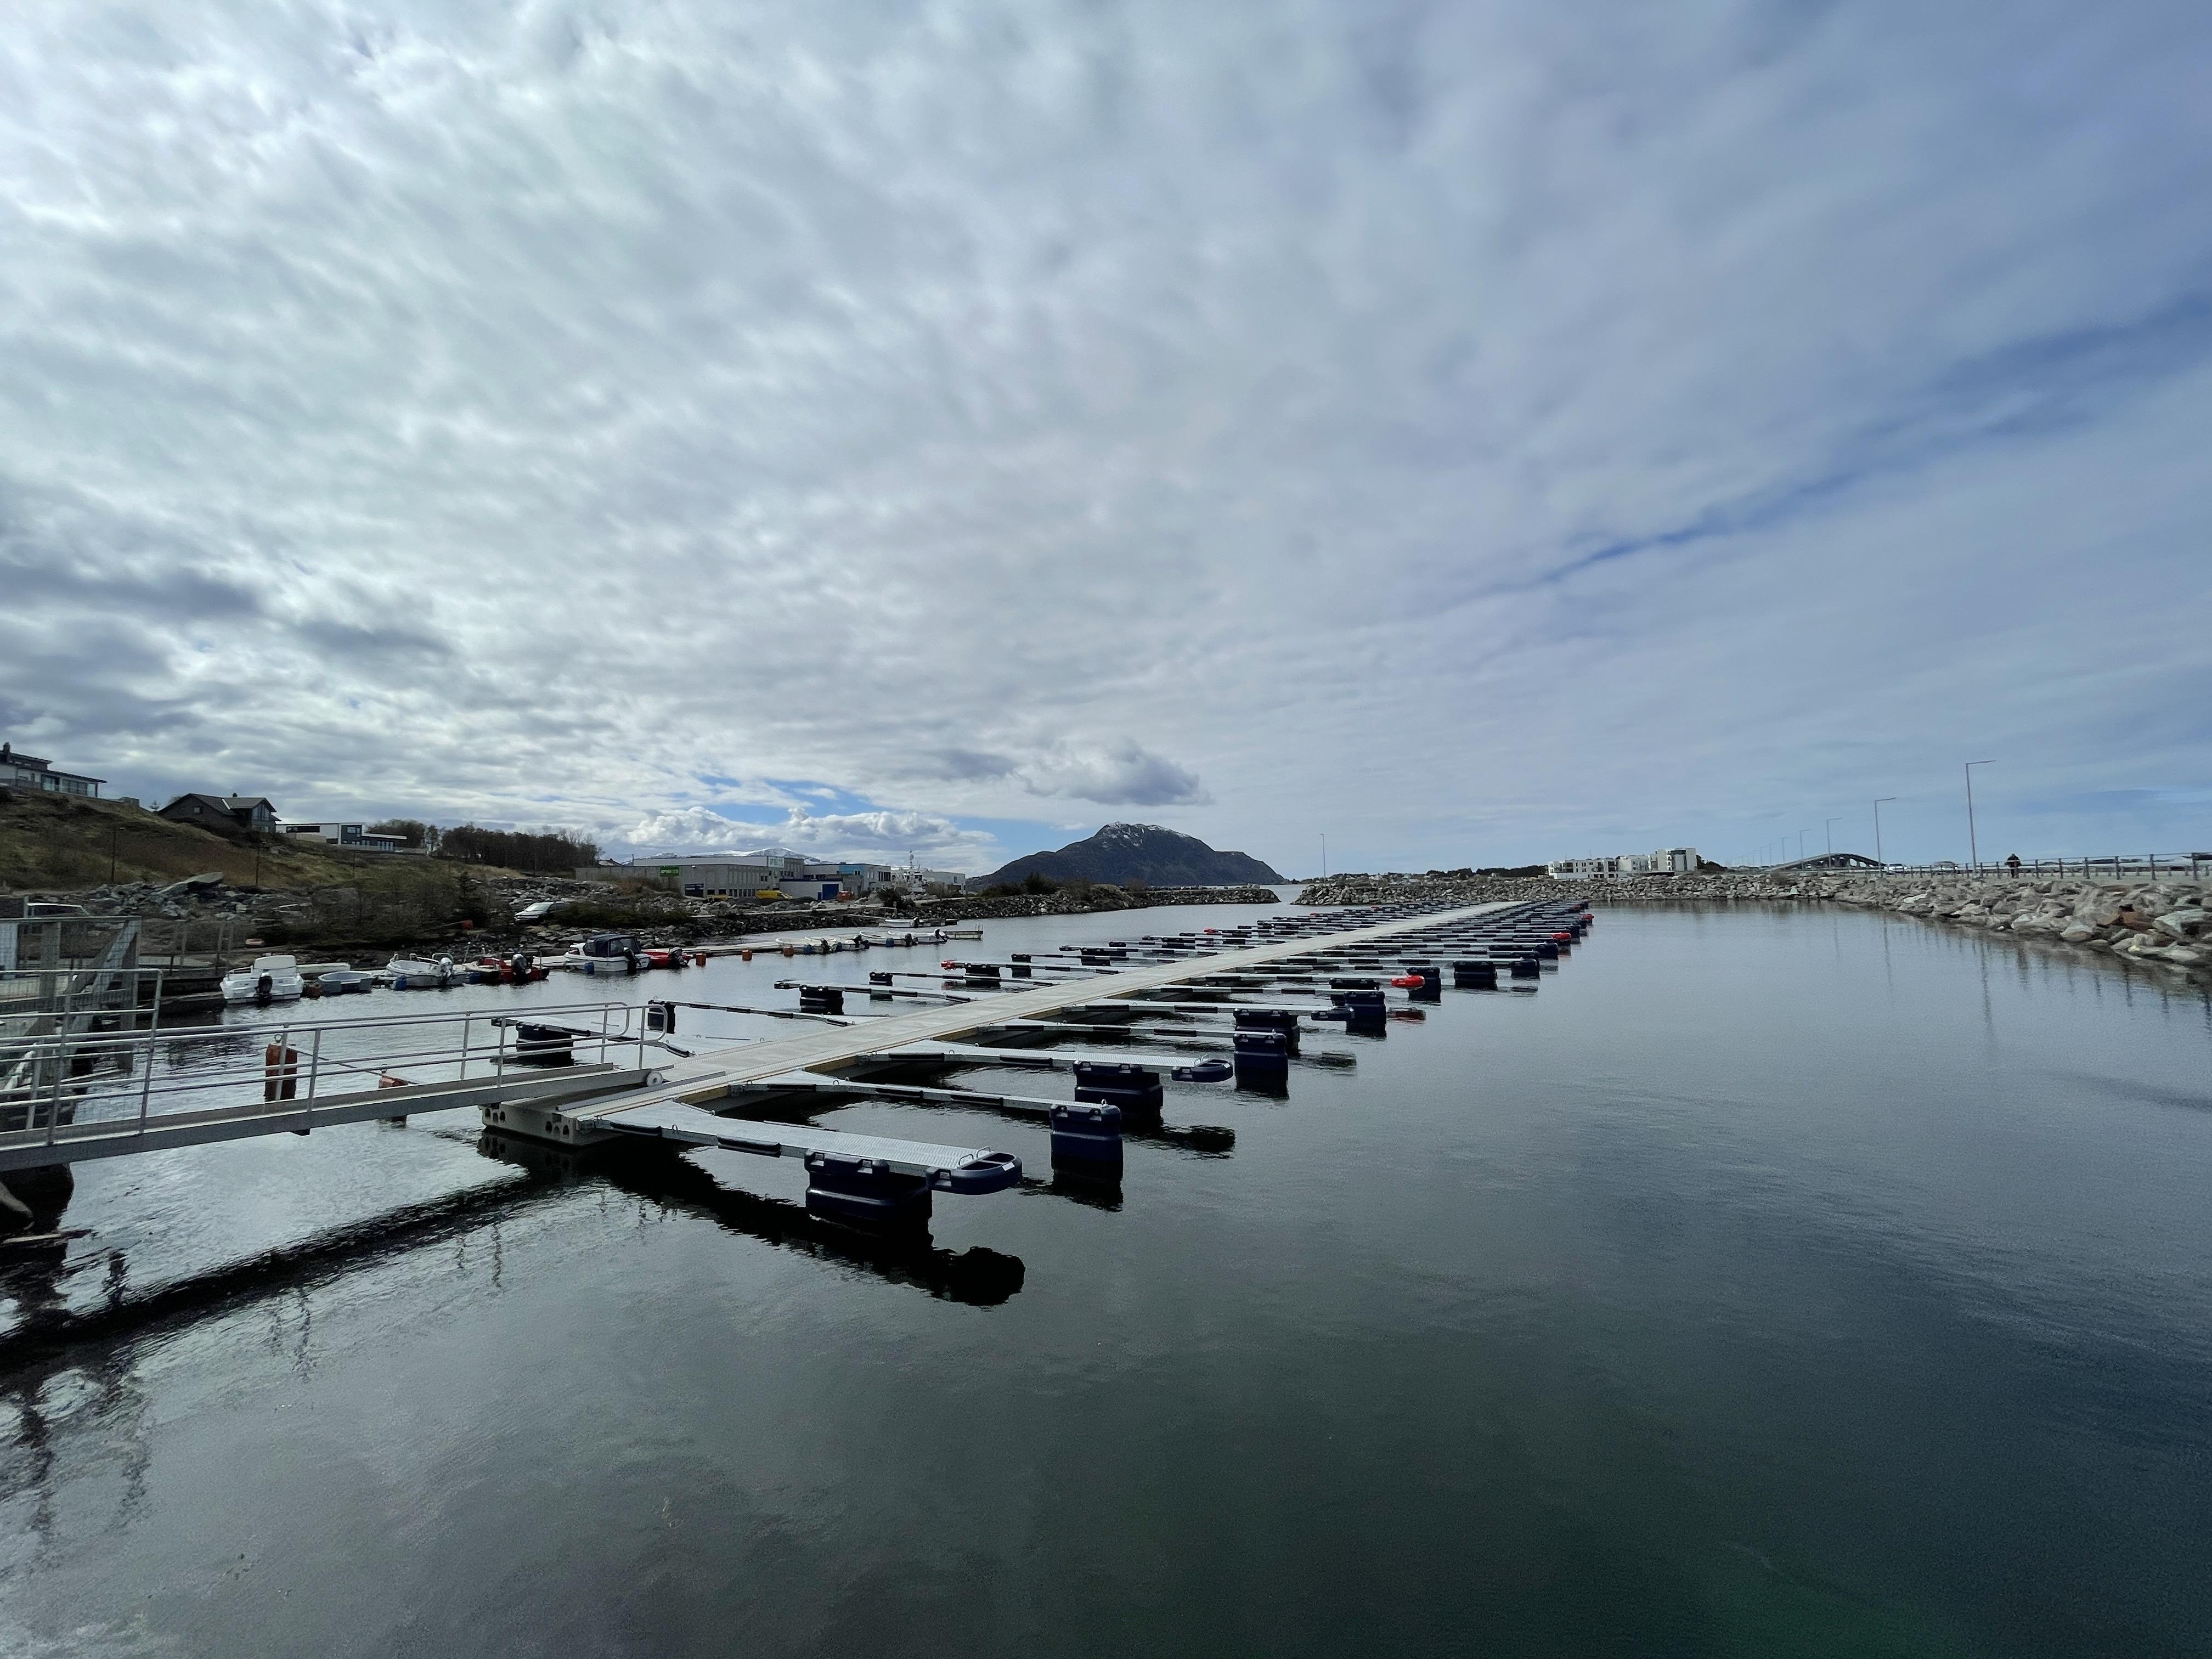 https://marinasolutions.no/uploads/Ytterland-småbåtforening_Valderøy_Marina-Solutions-AS-3.JPG